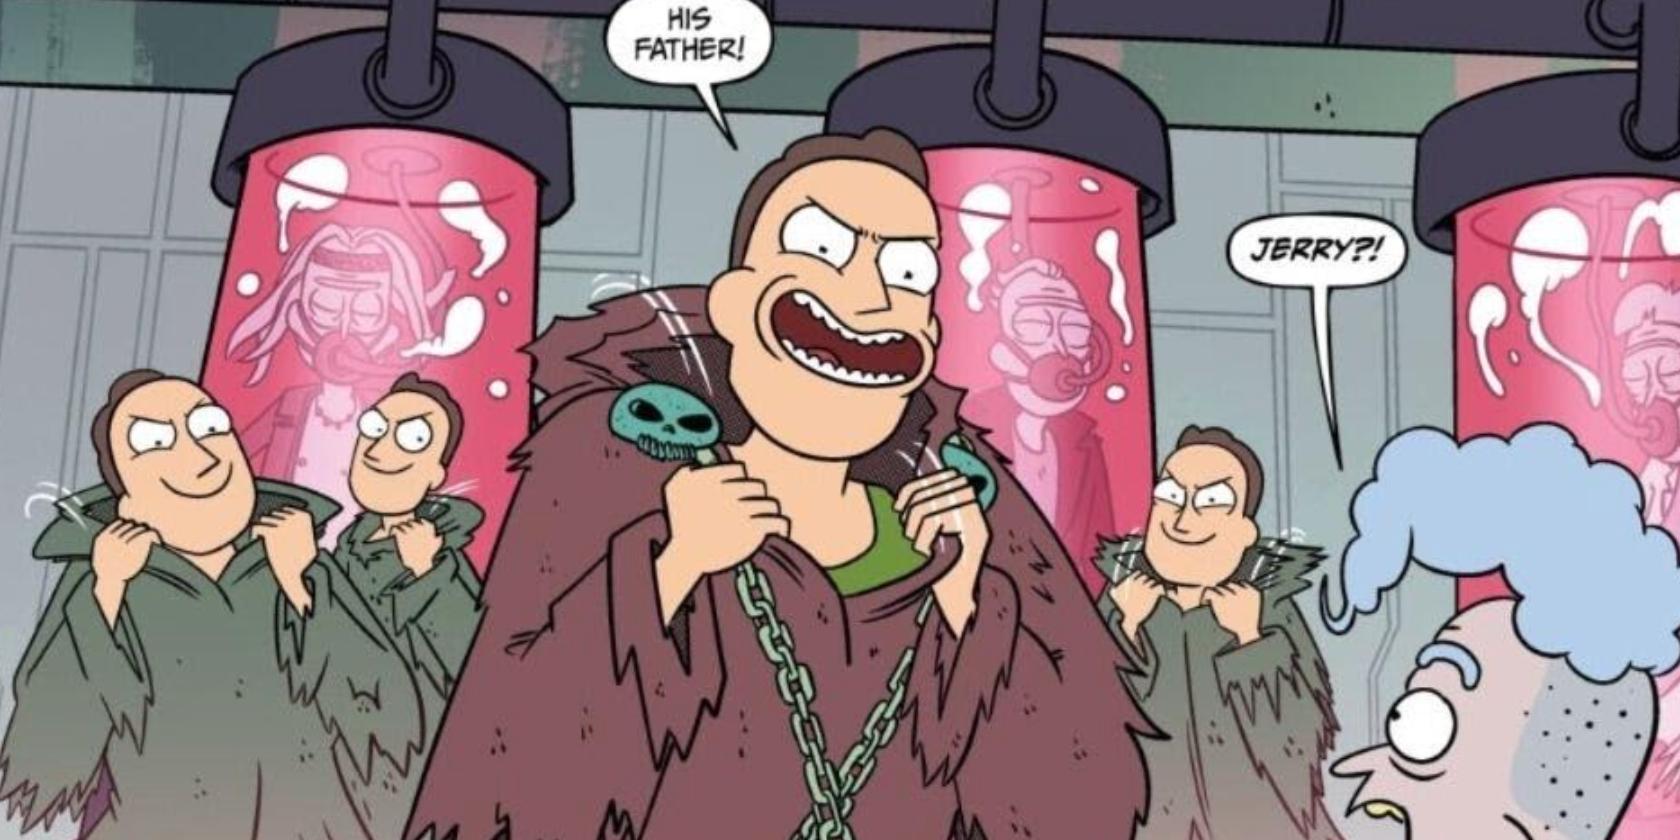 Rick e Morty: Jerry tentou governar o universo da maneira mais idiota 1